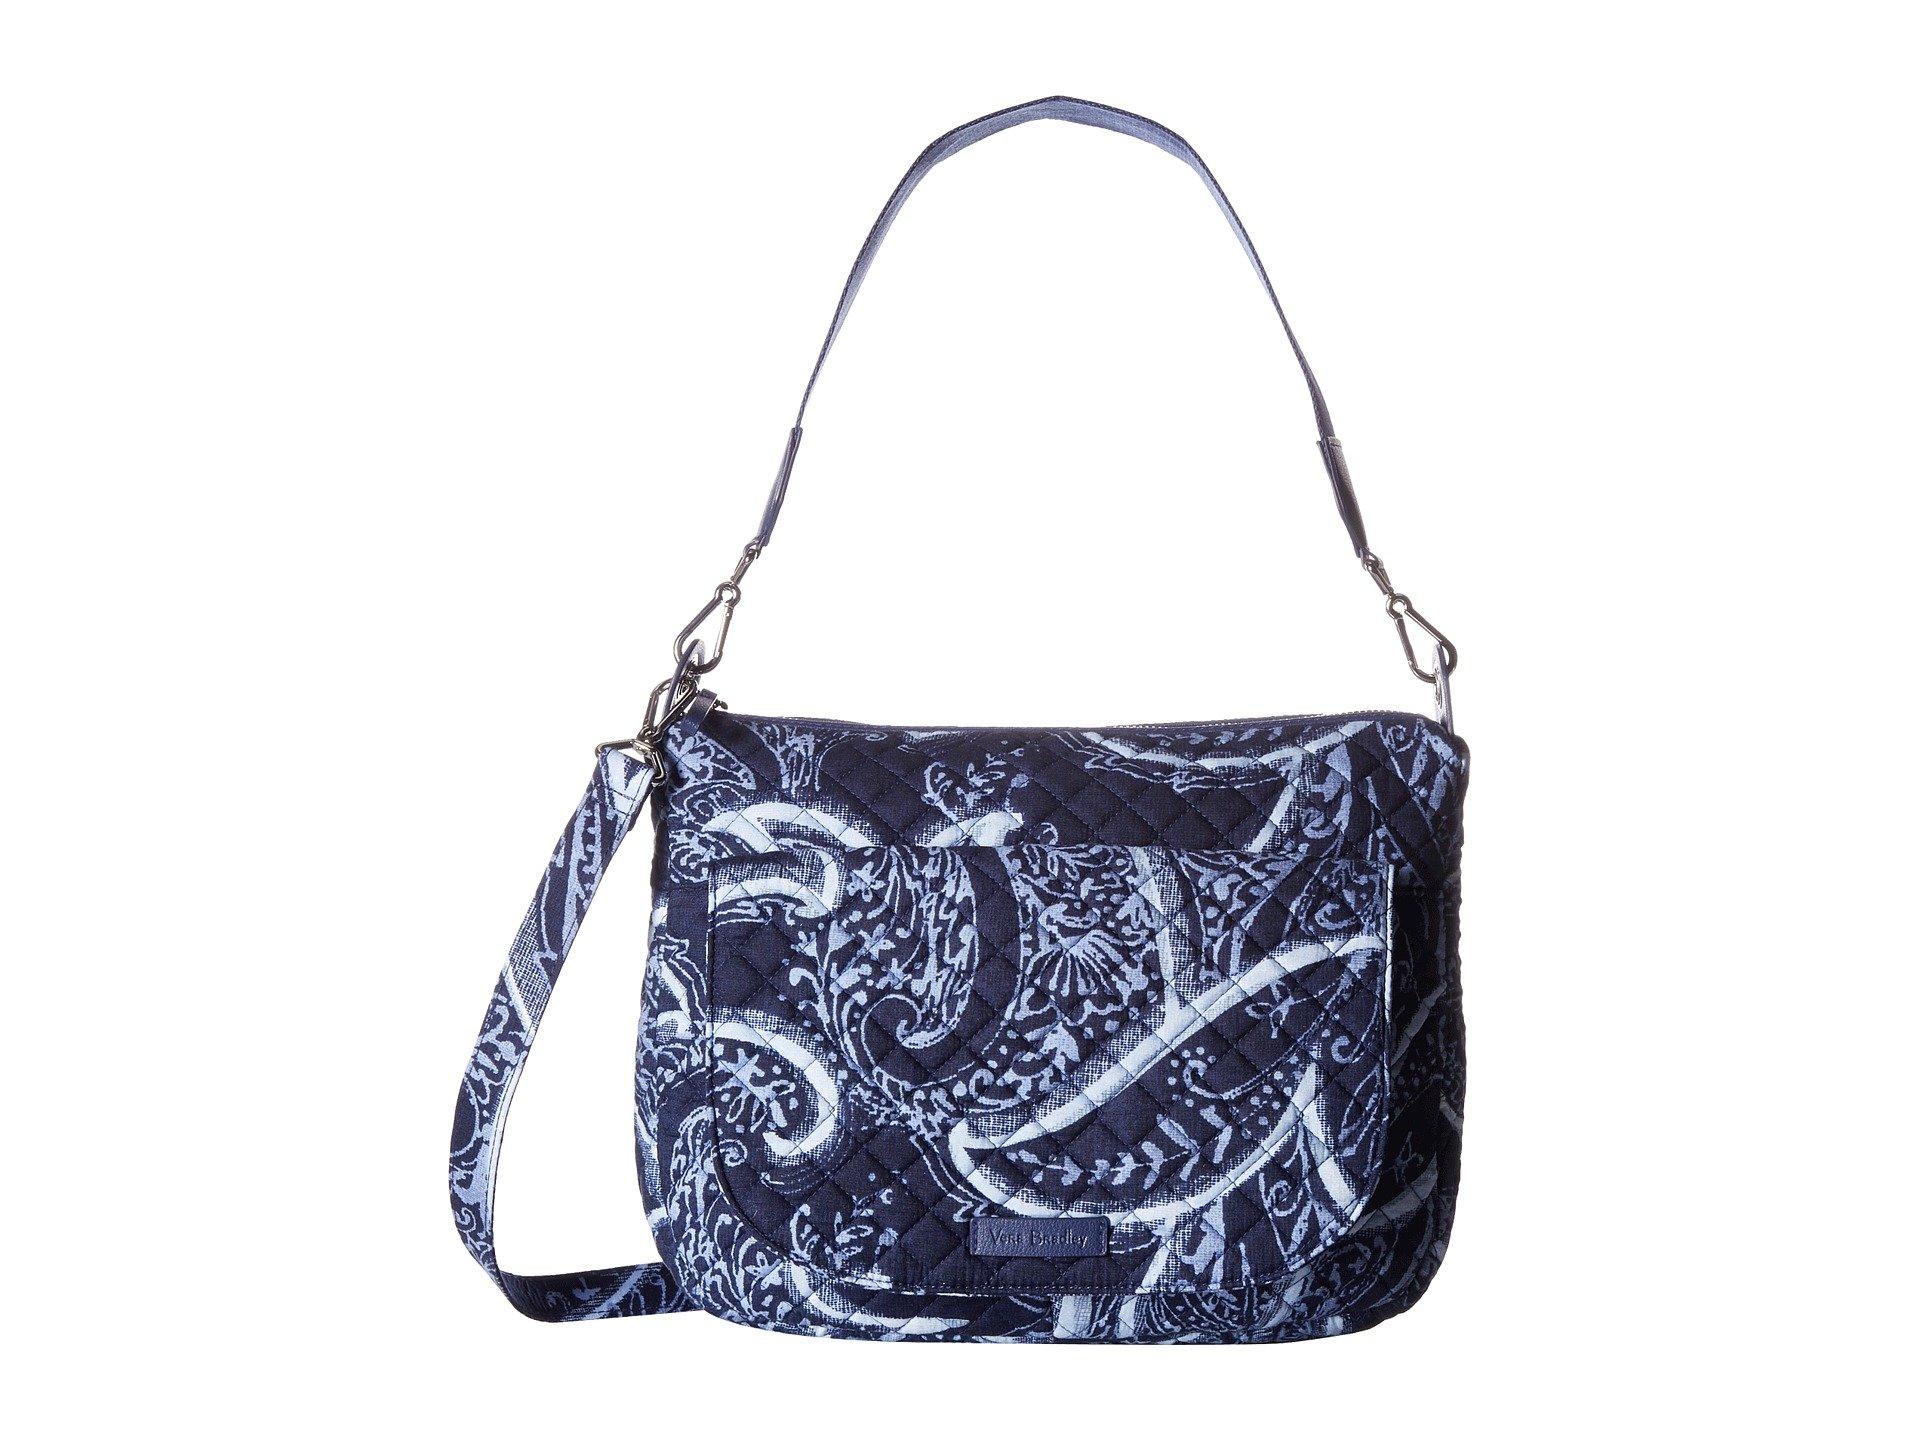 Vera Bradley Carson Shoulder Bag, Indio